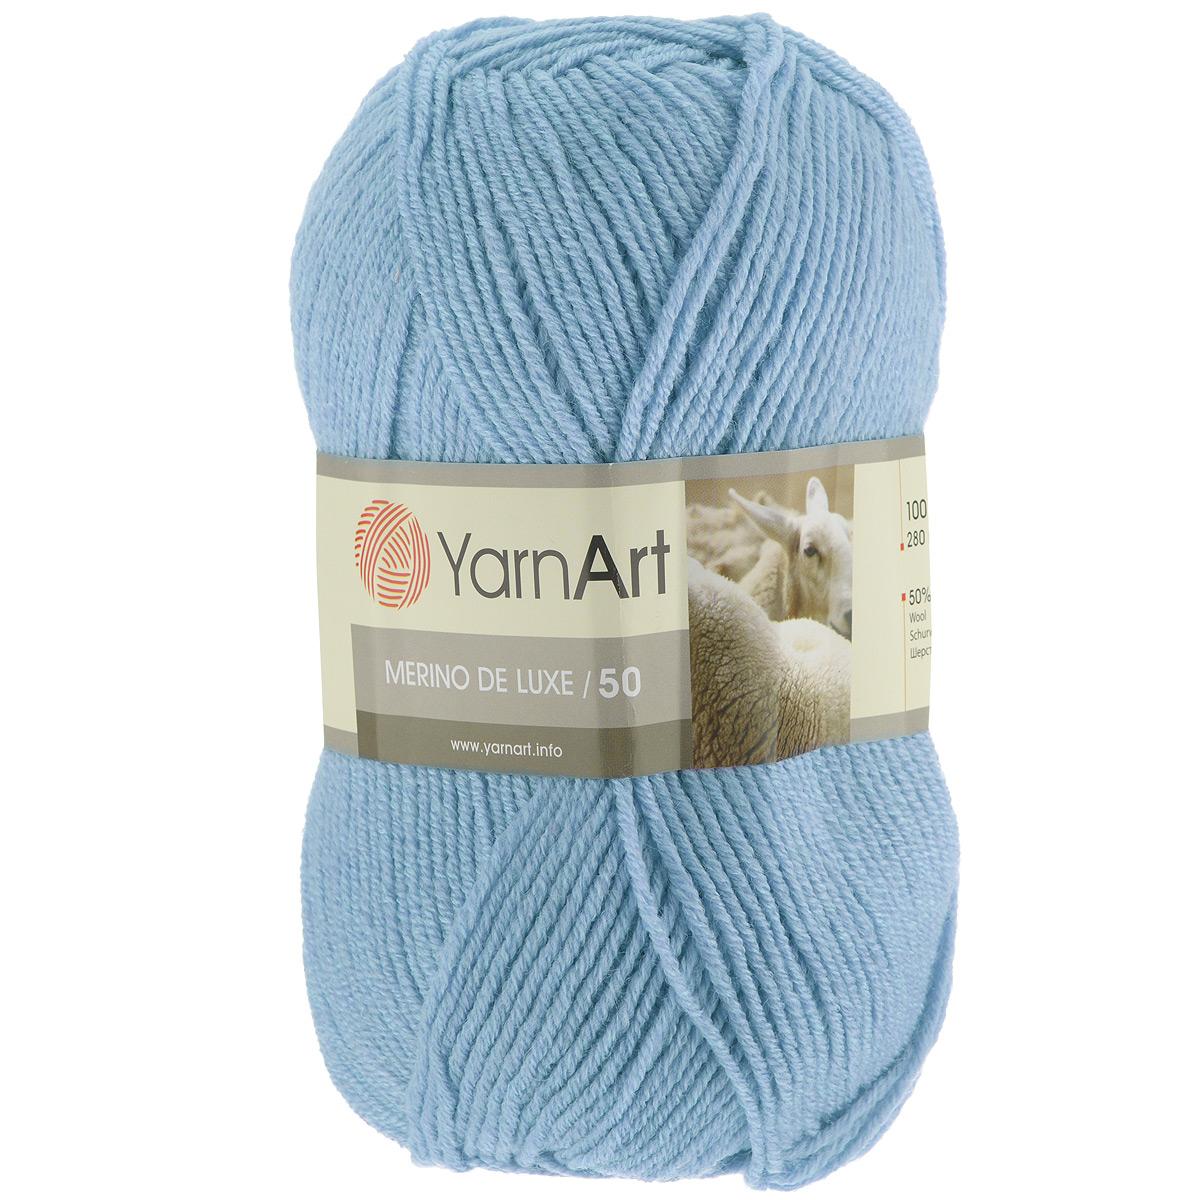 Пряжа для вязания YarnArt Merino de Lux, цвет: светло-голубой (215), 280 м, 100 г, 5 шт372049_215Классическая пряжа для вязания YarnArt  Merino de Lux изготовлена из шерсти и акрила. Пряжа очень мягкая и приятная на ощупь. Теплая, уютная, эта пряжа идеально подходит для вязки демисезонных вещей. Шапочки, шарфы, снуды, свитера, жилеты вяжутся из этой пряжи быстро и легко. Изделия приятны в носке и долго не теряют форму после ручной стирки. Рекомендуются спицы 3,5 мм, крючок 4 мм. Состав: 49% шерсть, 51% акрил.